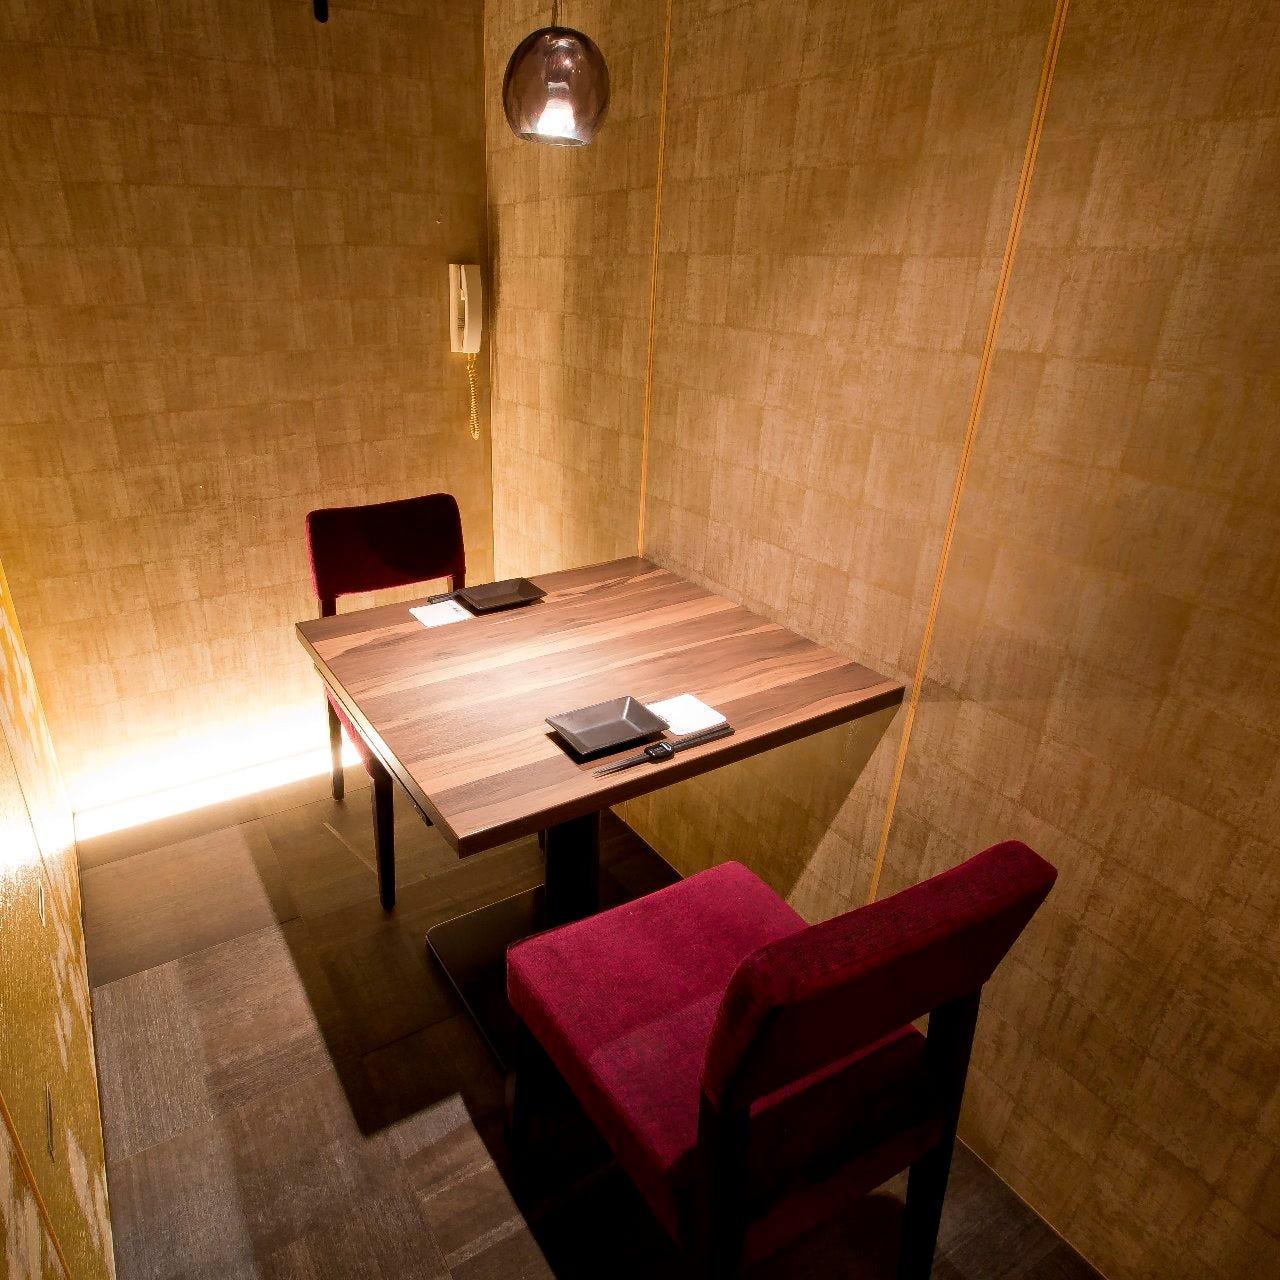 テーブル席・完全個室(壁・扉あり)・2名様まで